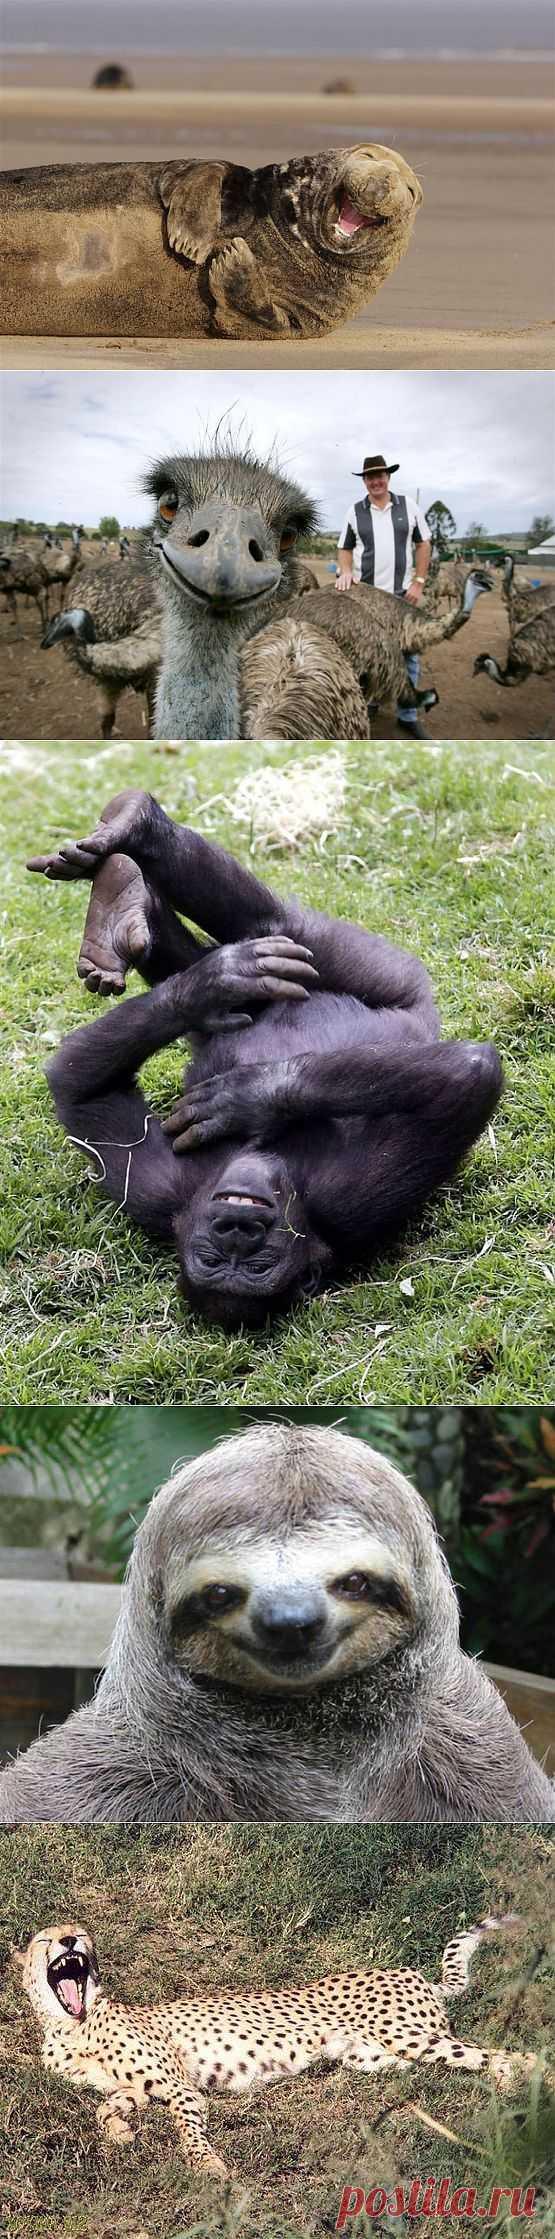 Улыбка в мире животных..:-)).